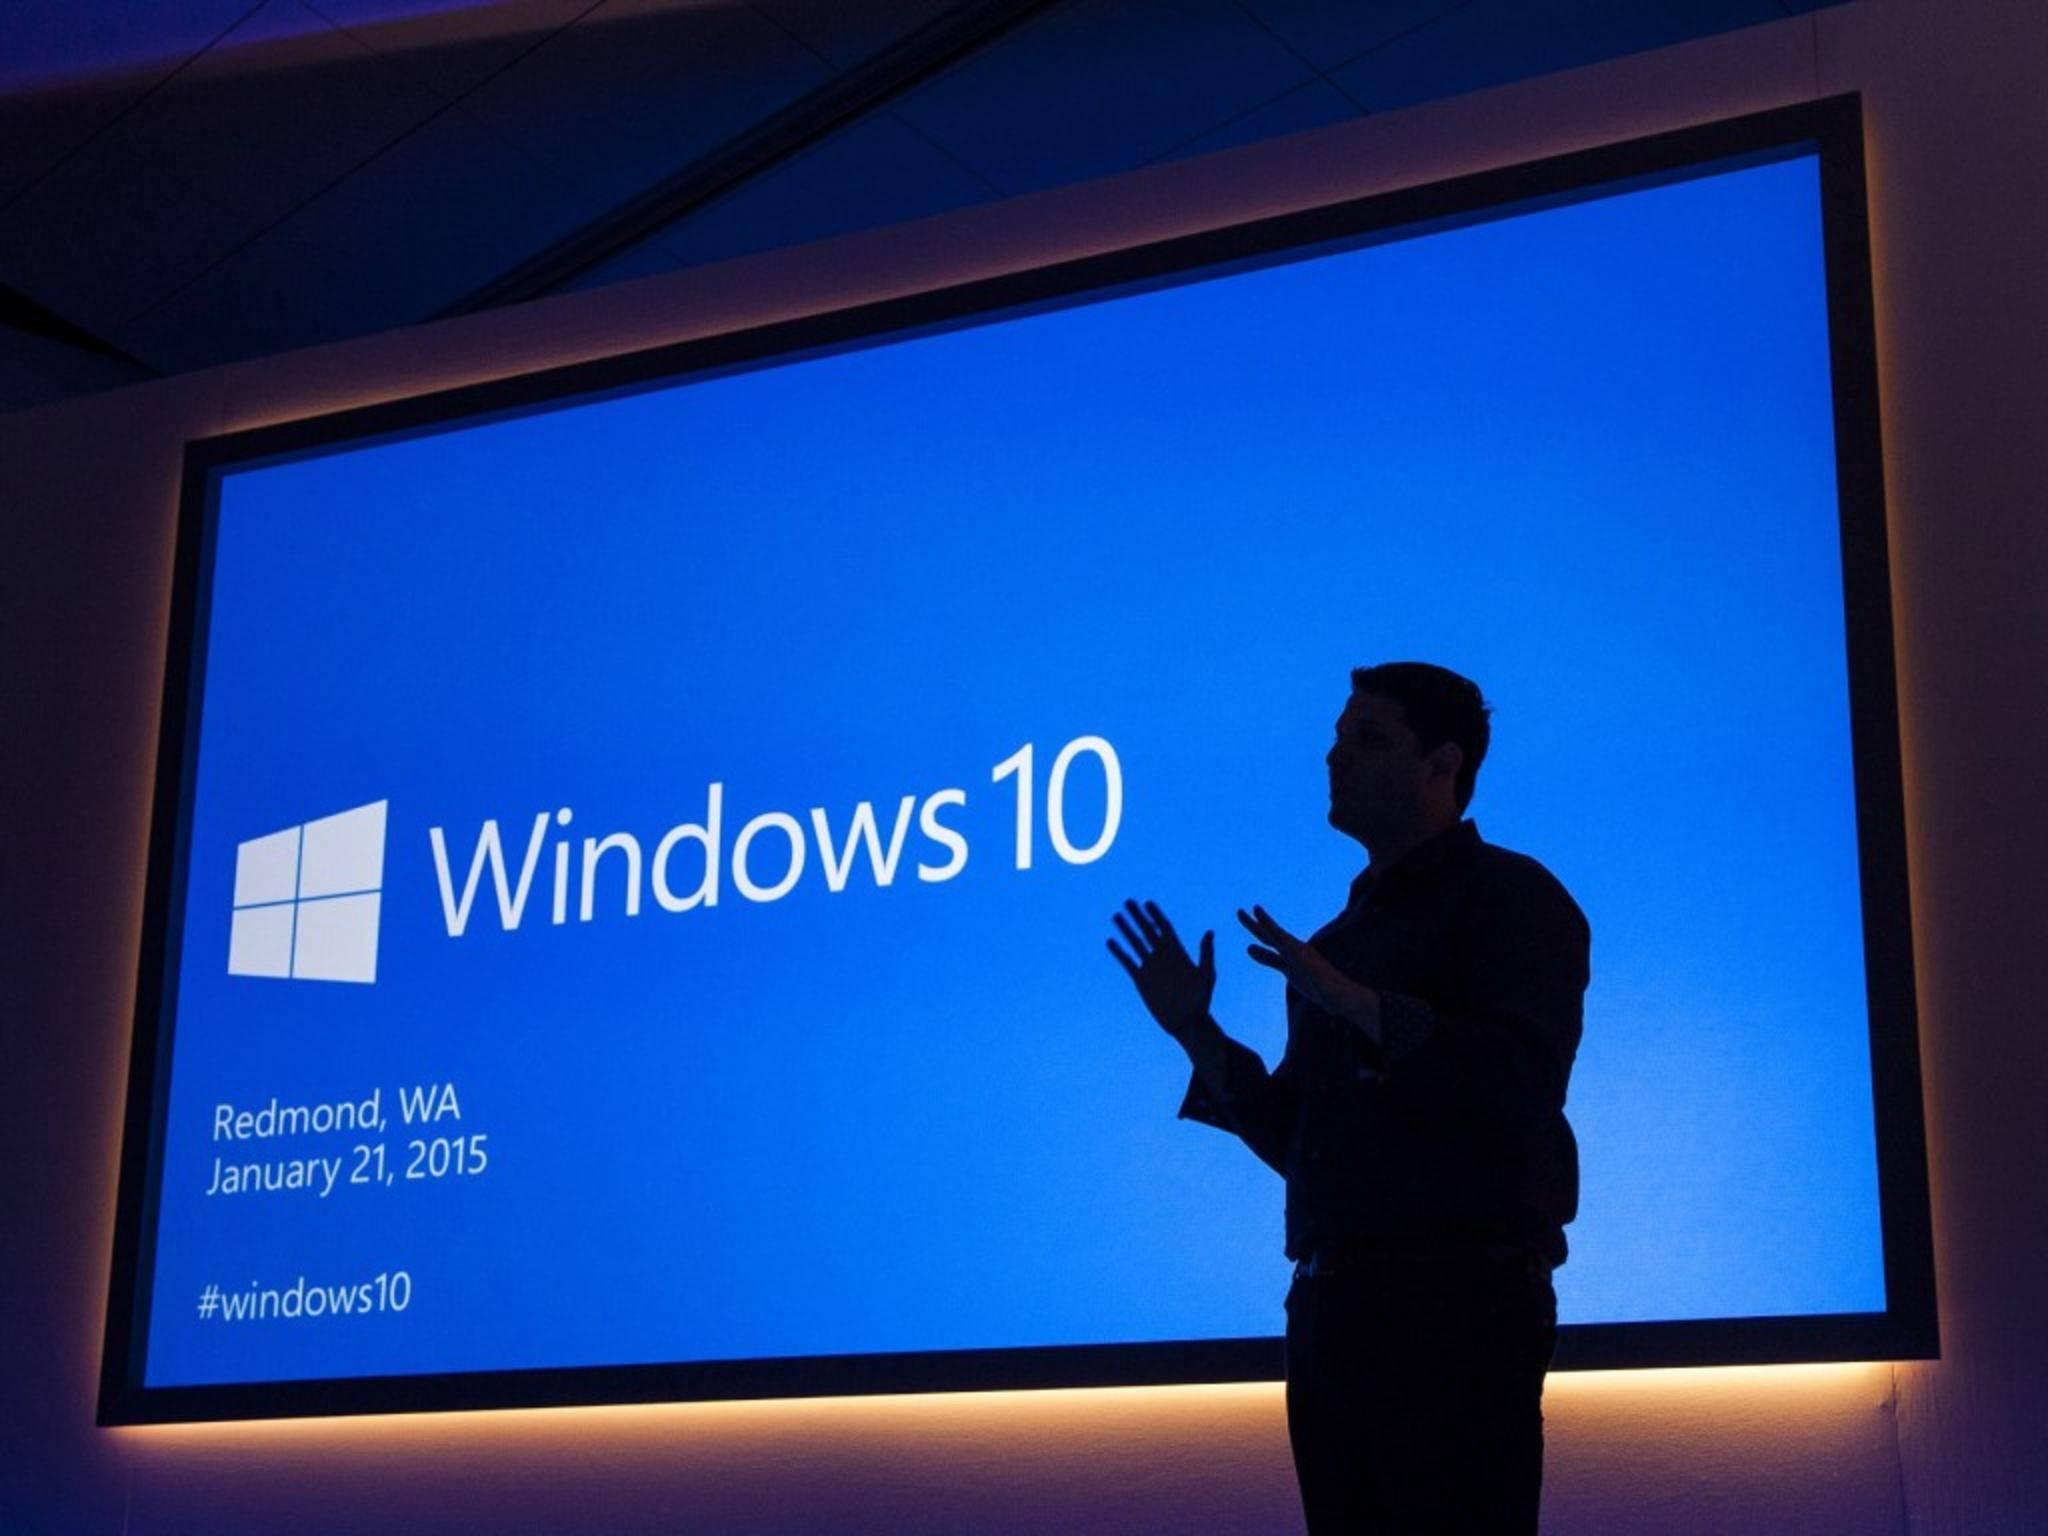 Das sind die Systemanforderungen für Windows 10